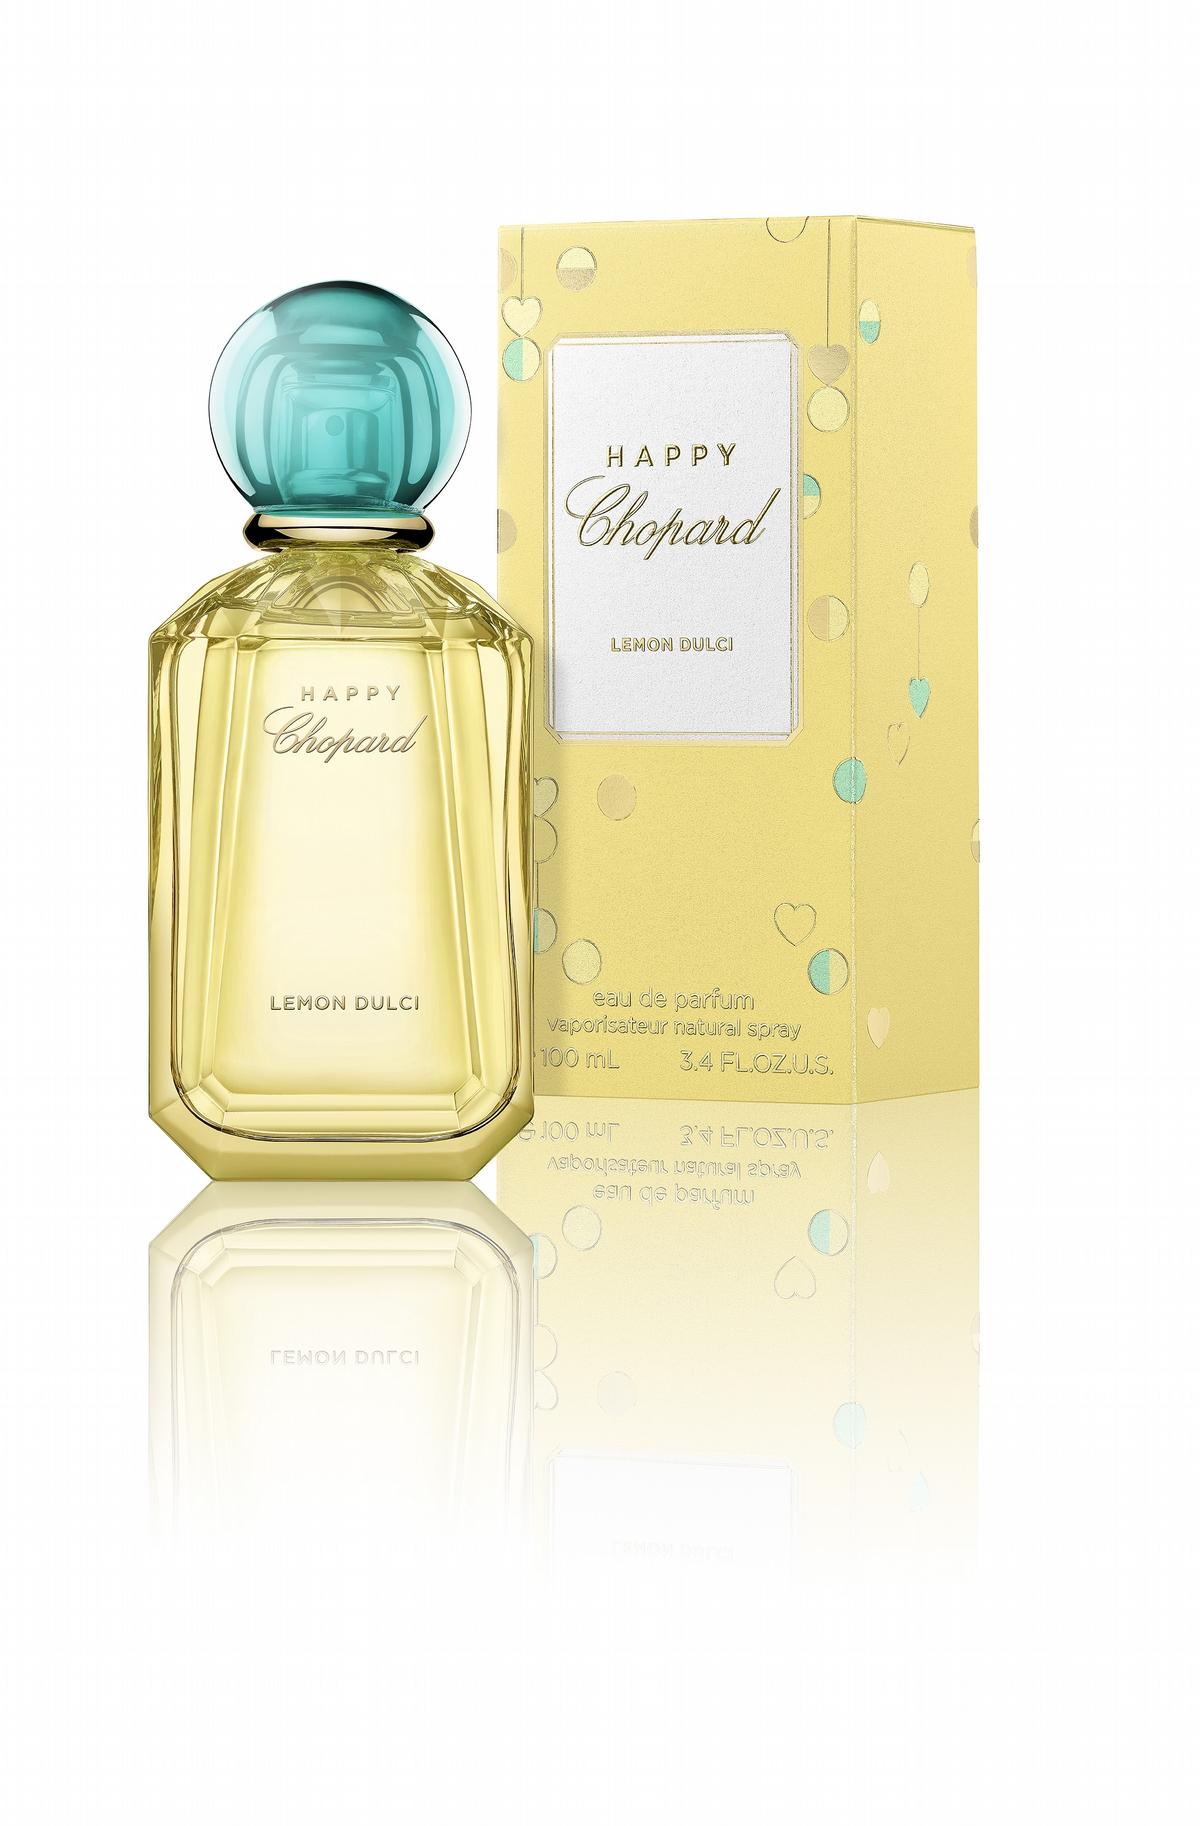 星期一不憂鬱,穿上快樂蕭邦系列香水,讓妳BLUE MONDAY變成HAPPY MONDAY